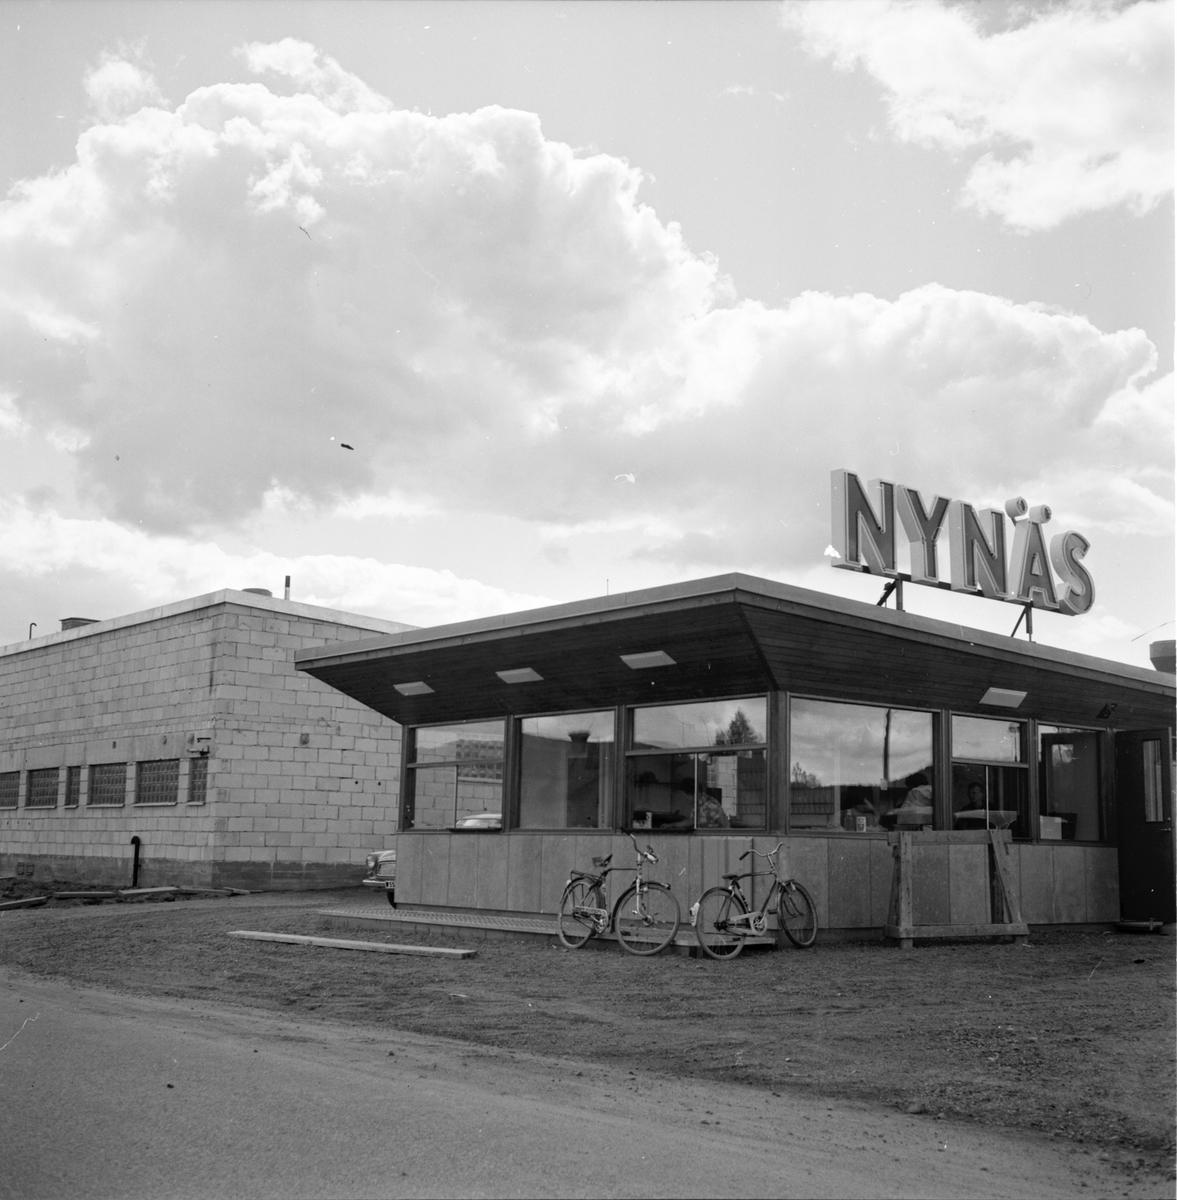 Arbrå, Nynäs nya bensinmack, 1 Juli 1964